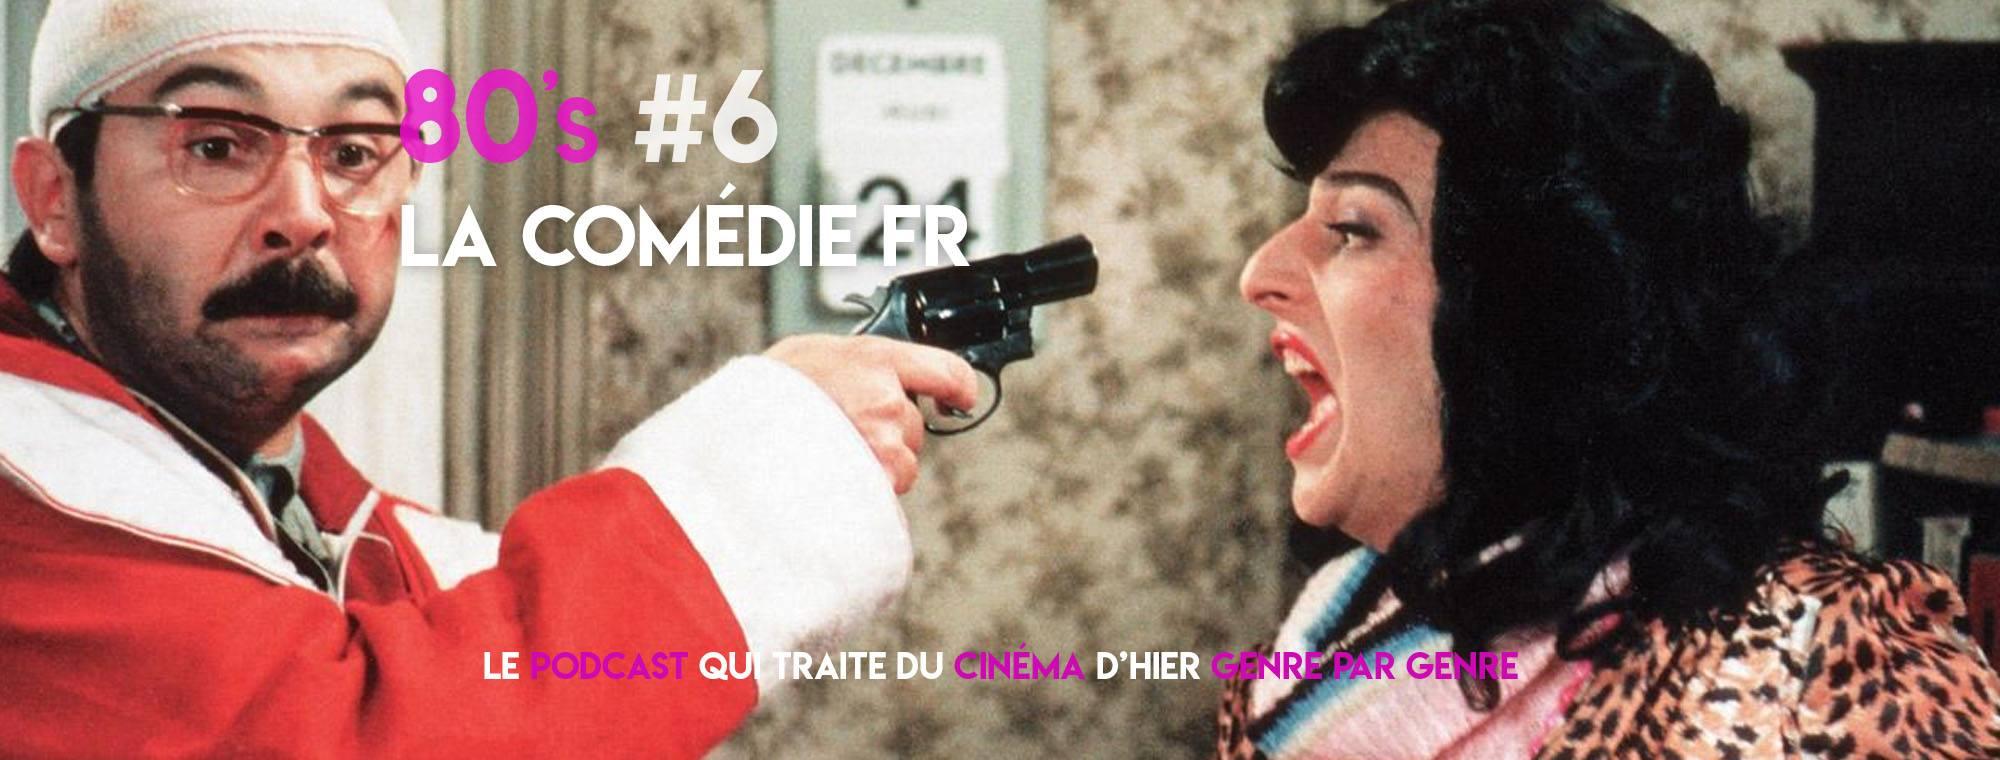 Parlons Péloches - 80's #6 La comédie française